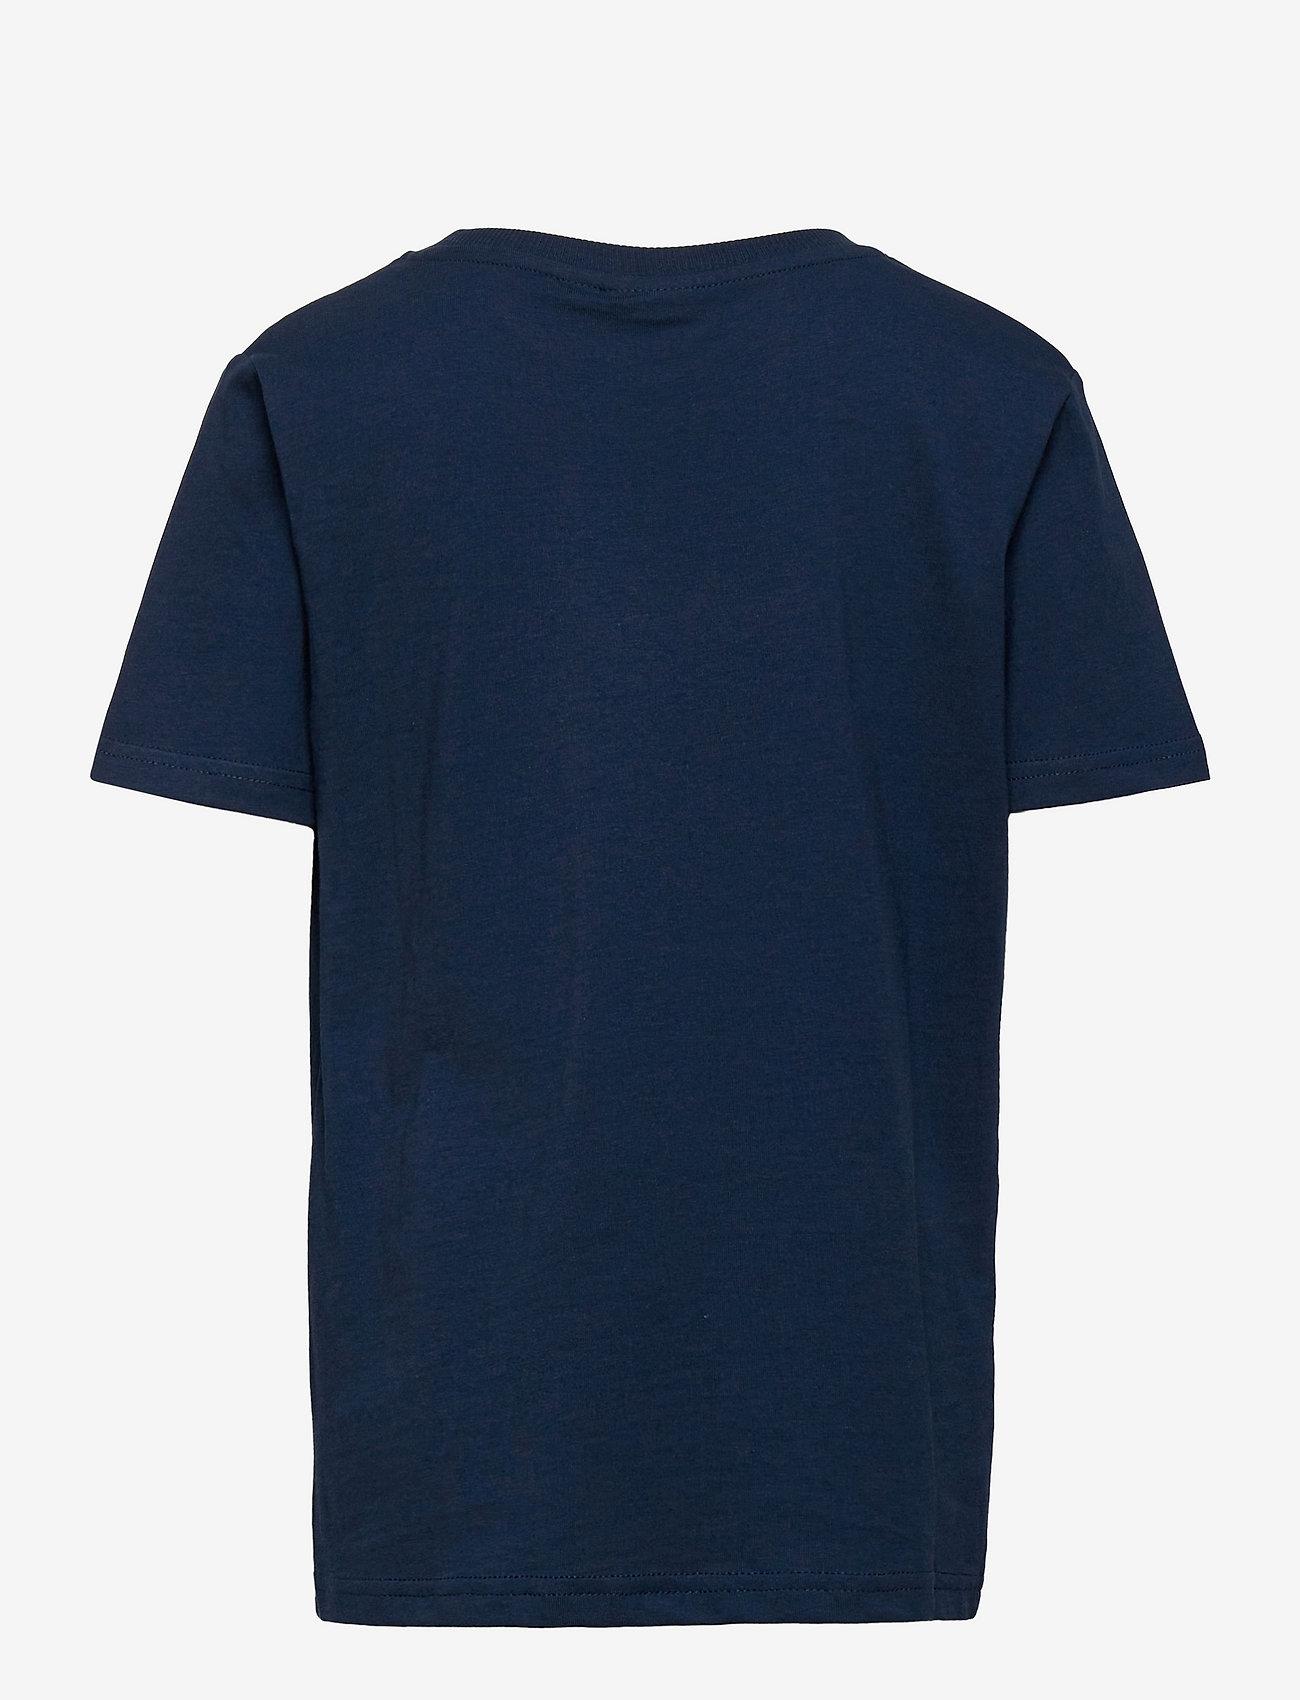 LMTD - NLMNADAL SS R TOP - t-shirts - dress blues - 1